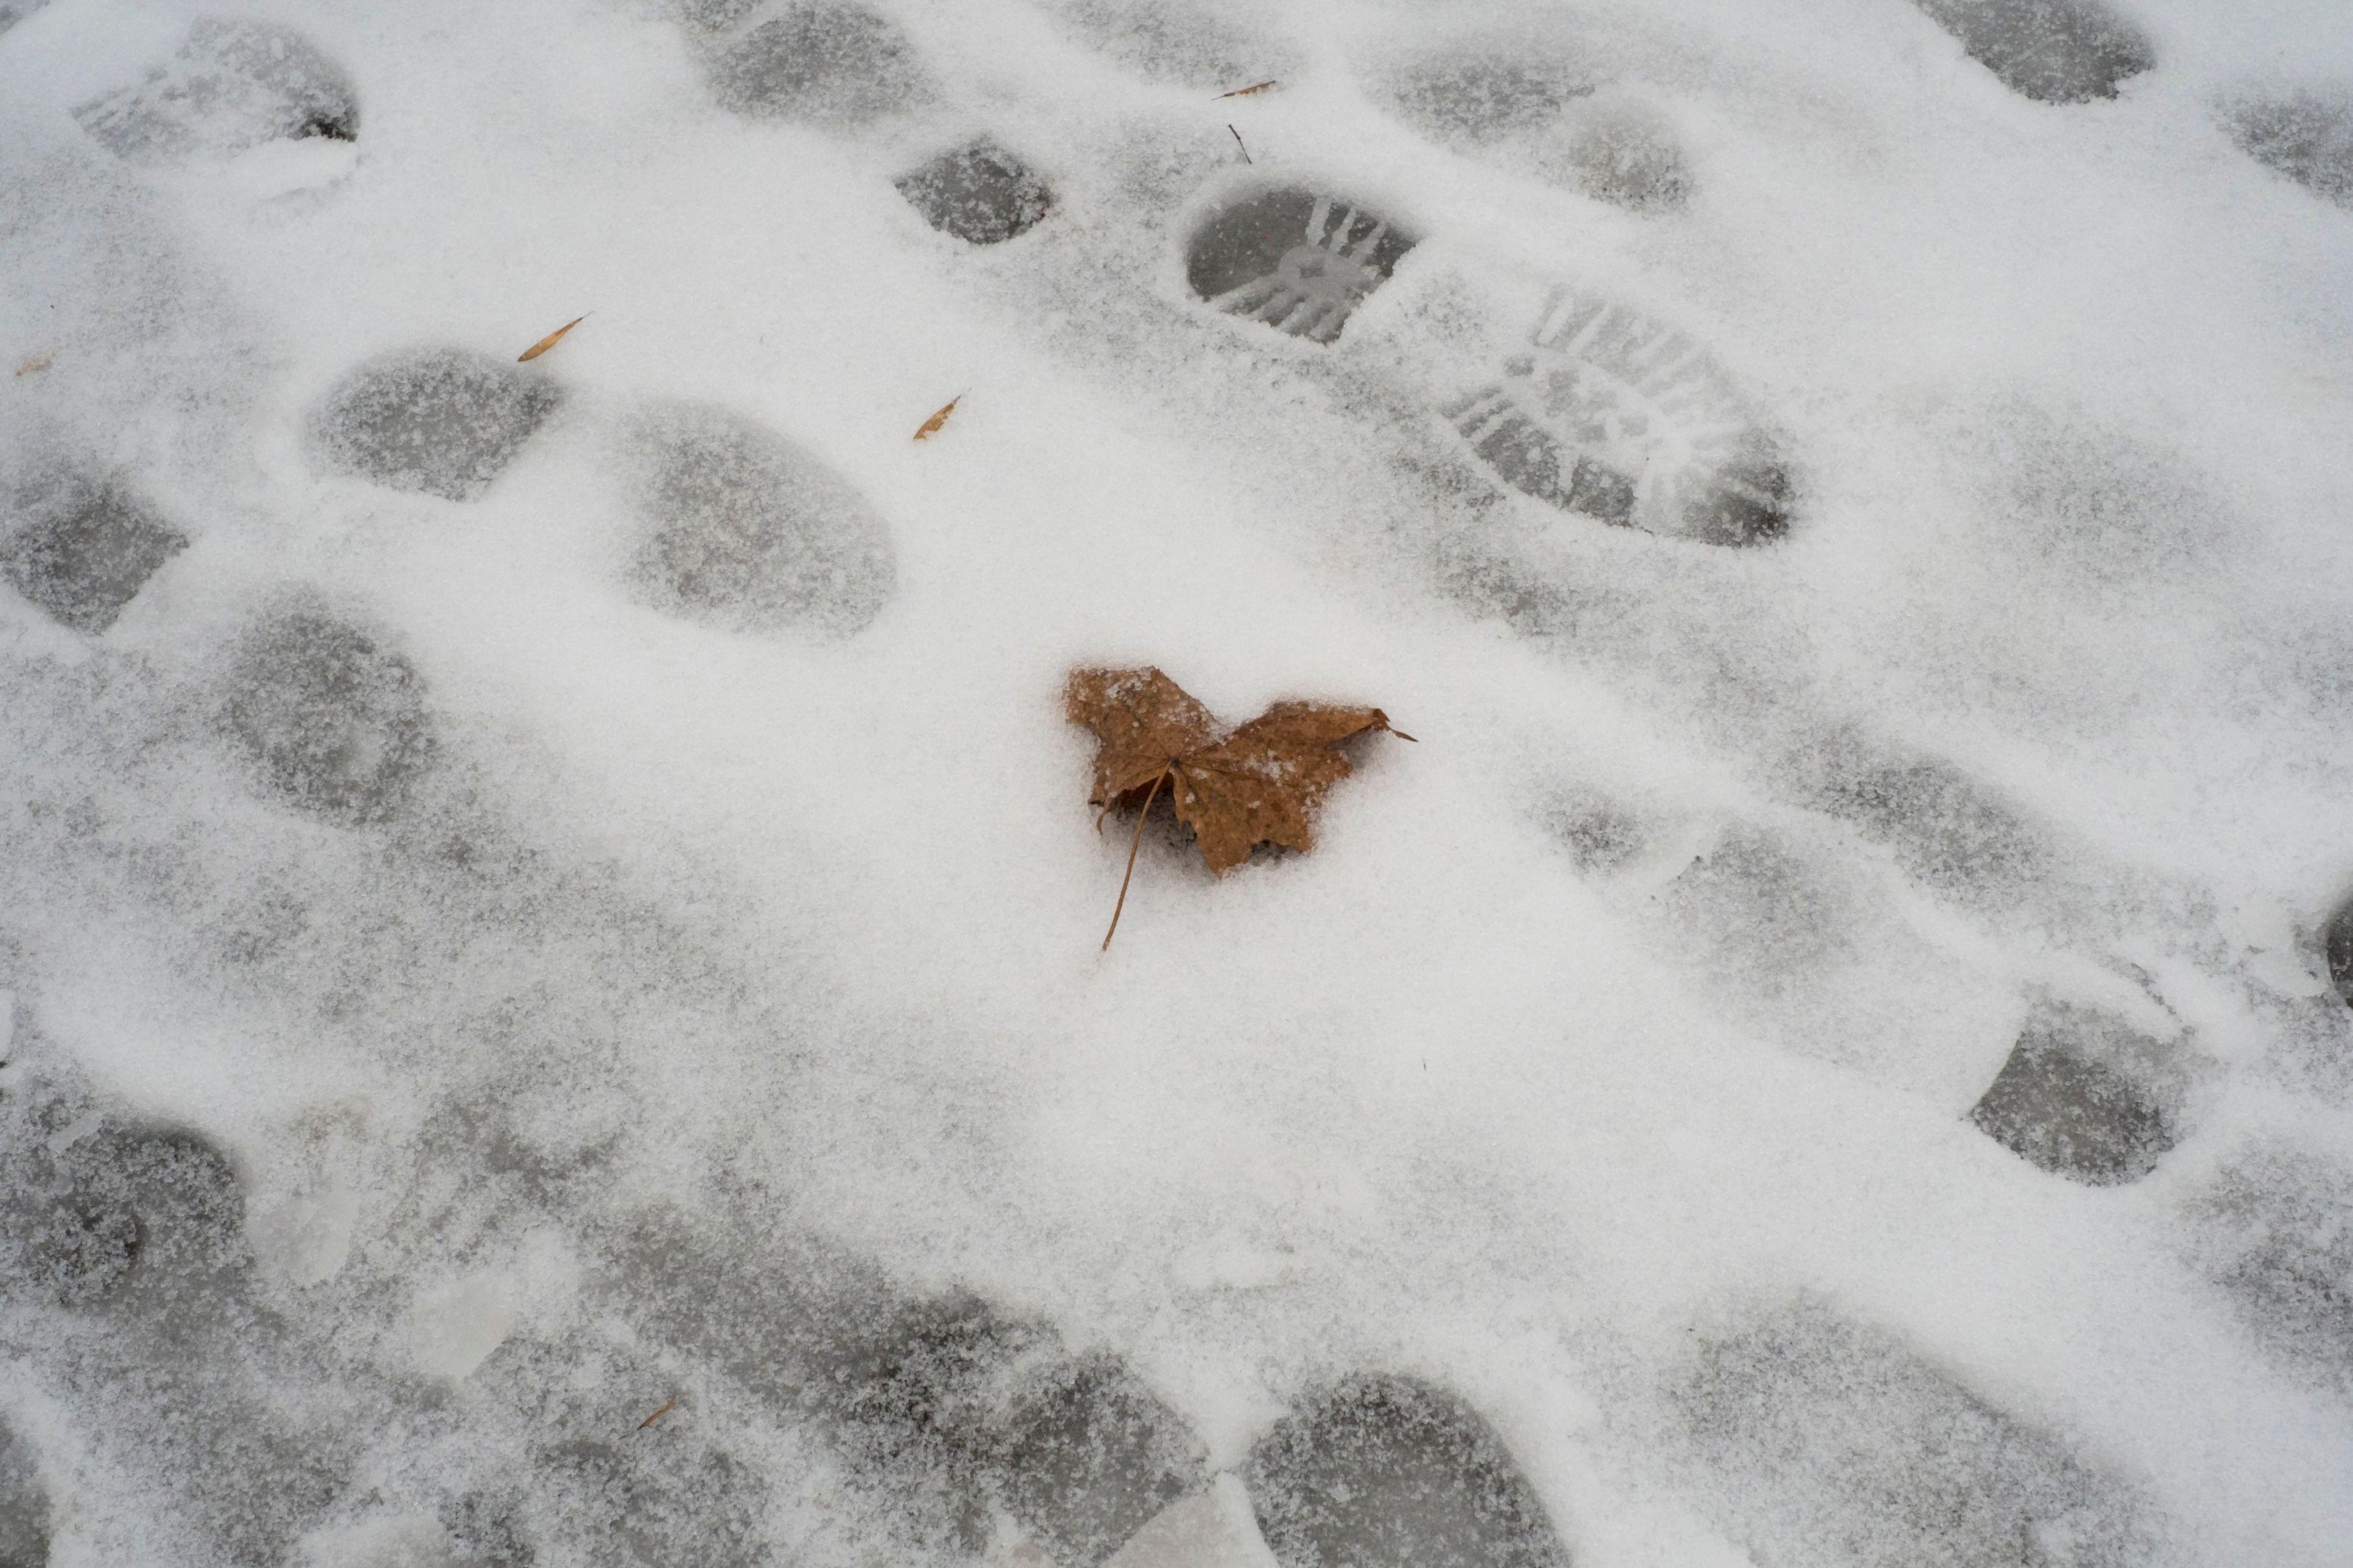 Météo France : la neige revient, l'Ardèche, la Mayenne et l'Orne sont en vigilance orange